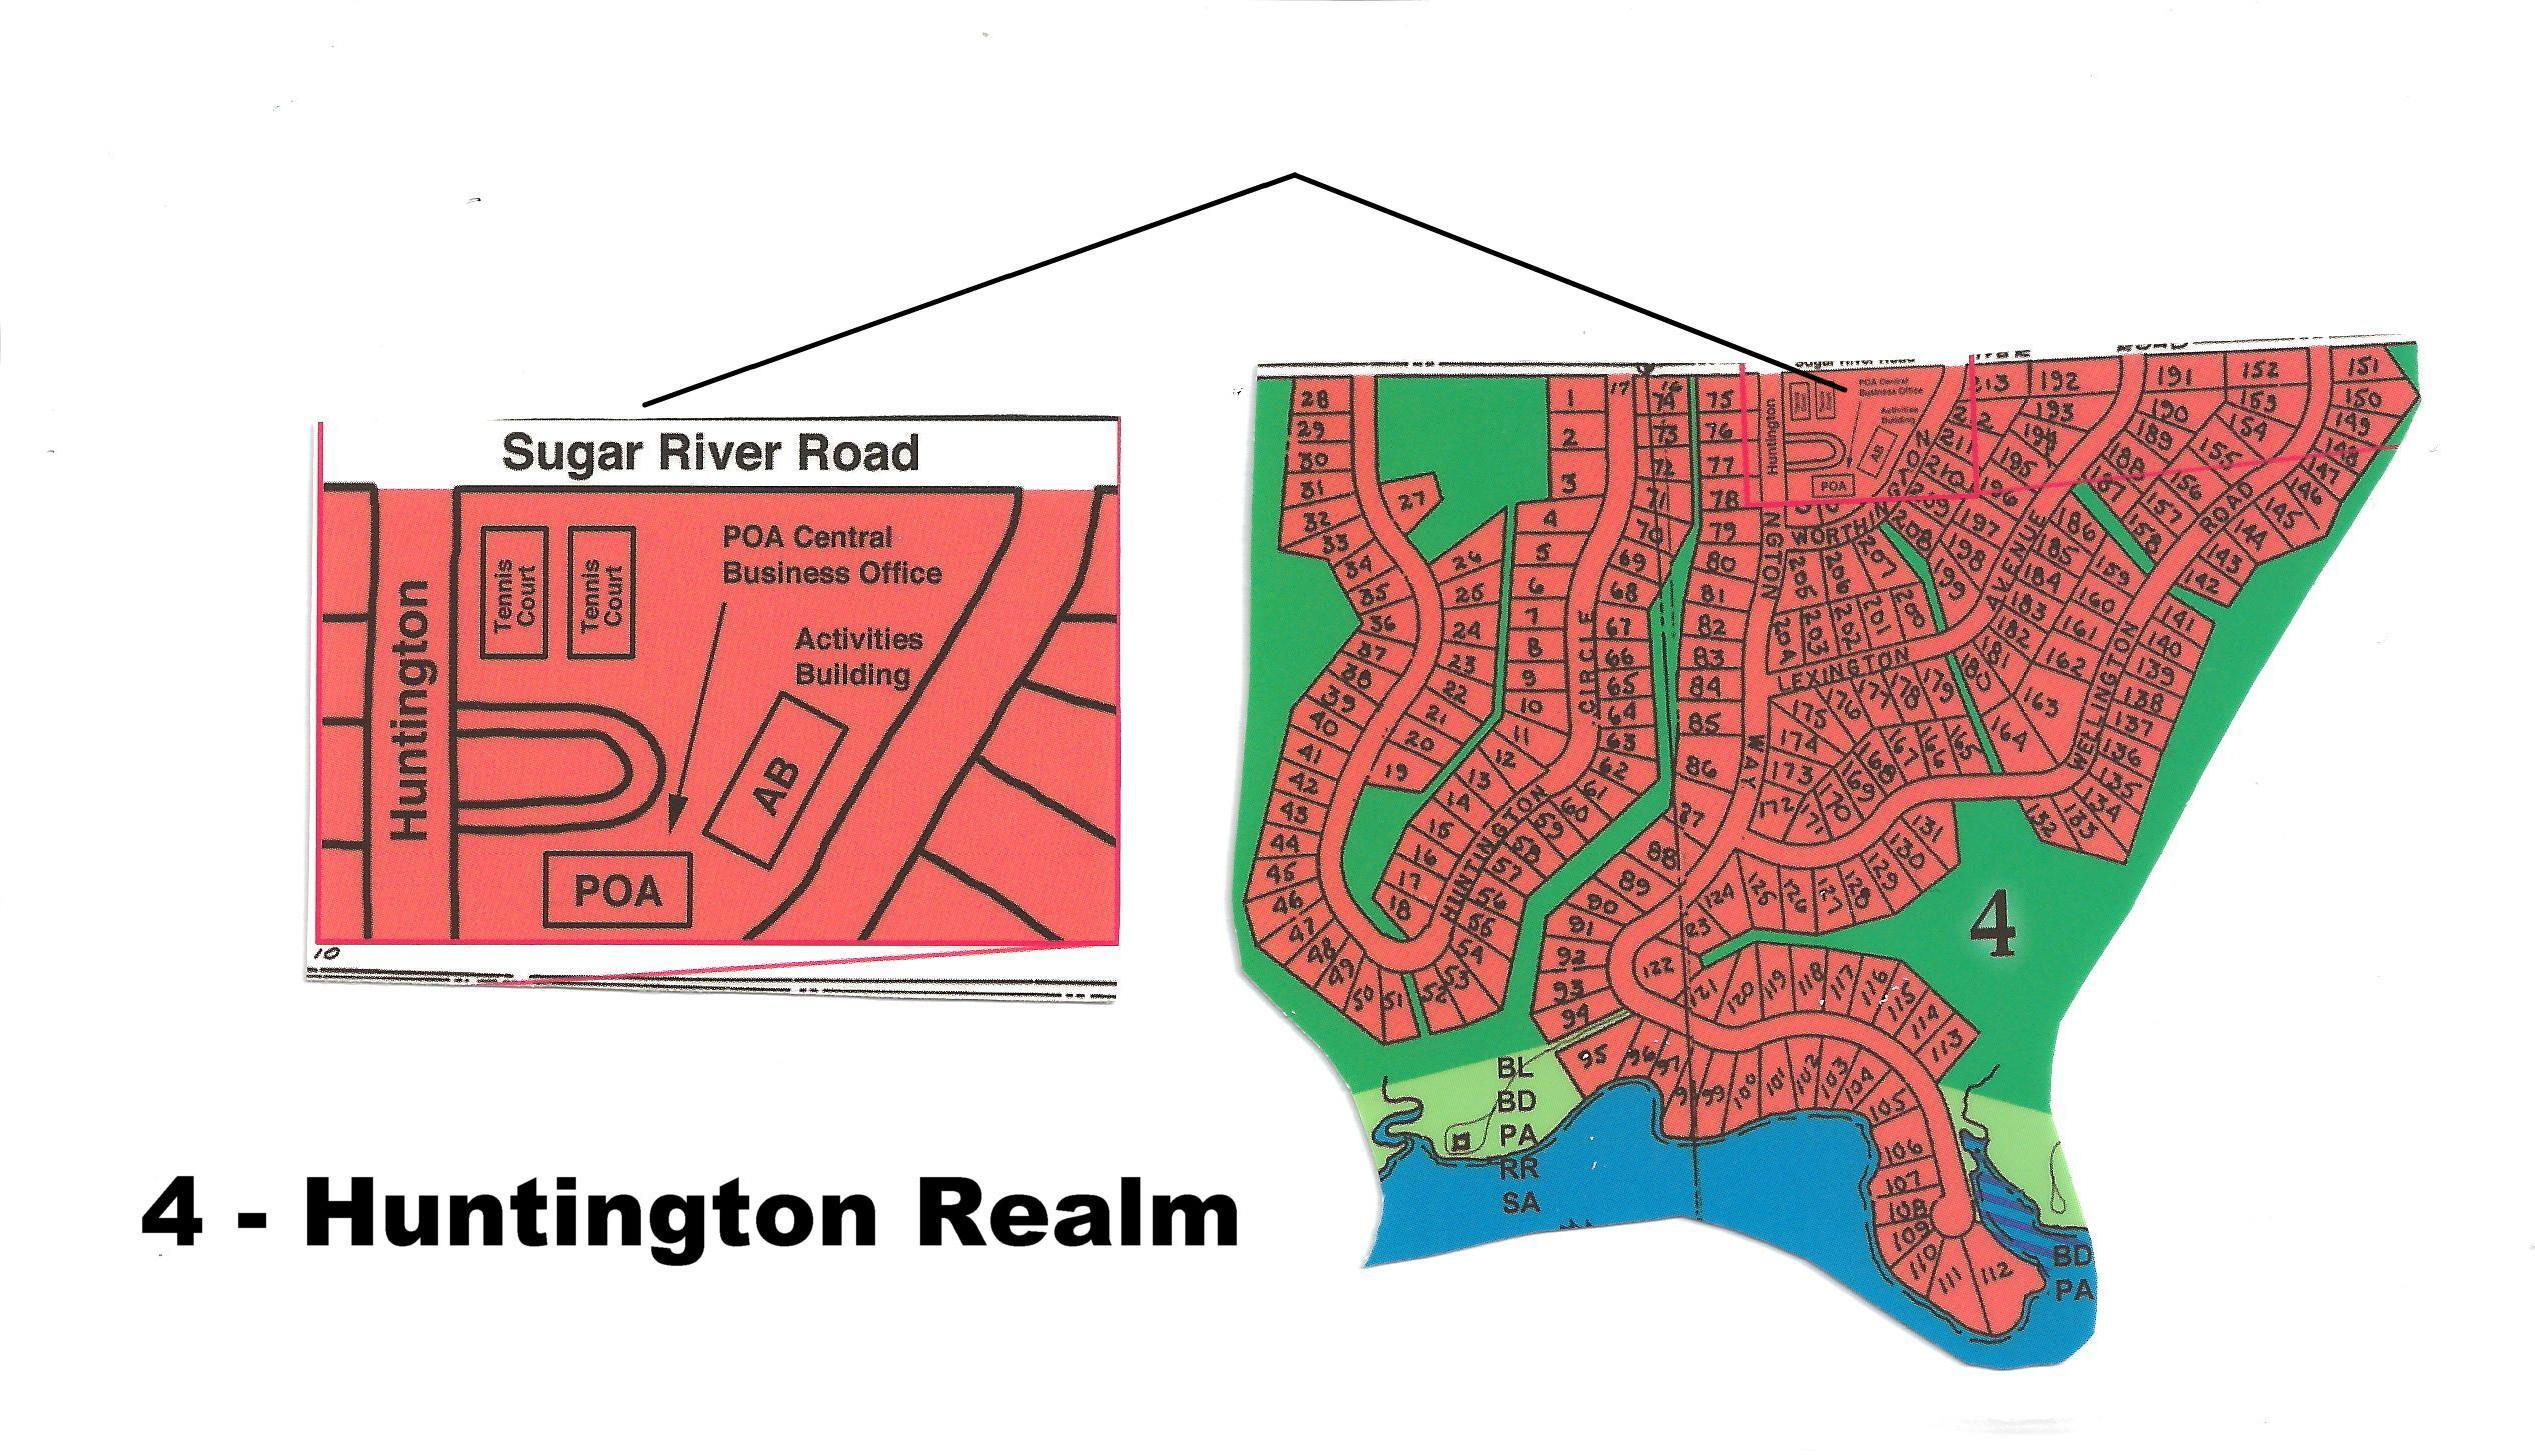 4   - HUNTINGTON REALM (HU)